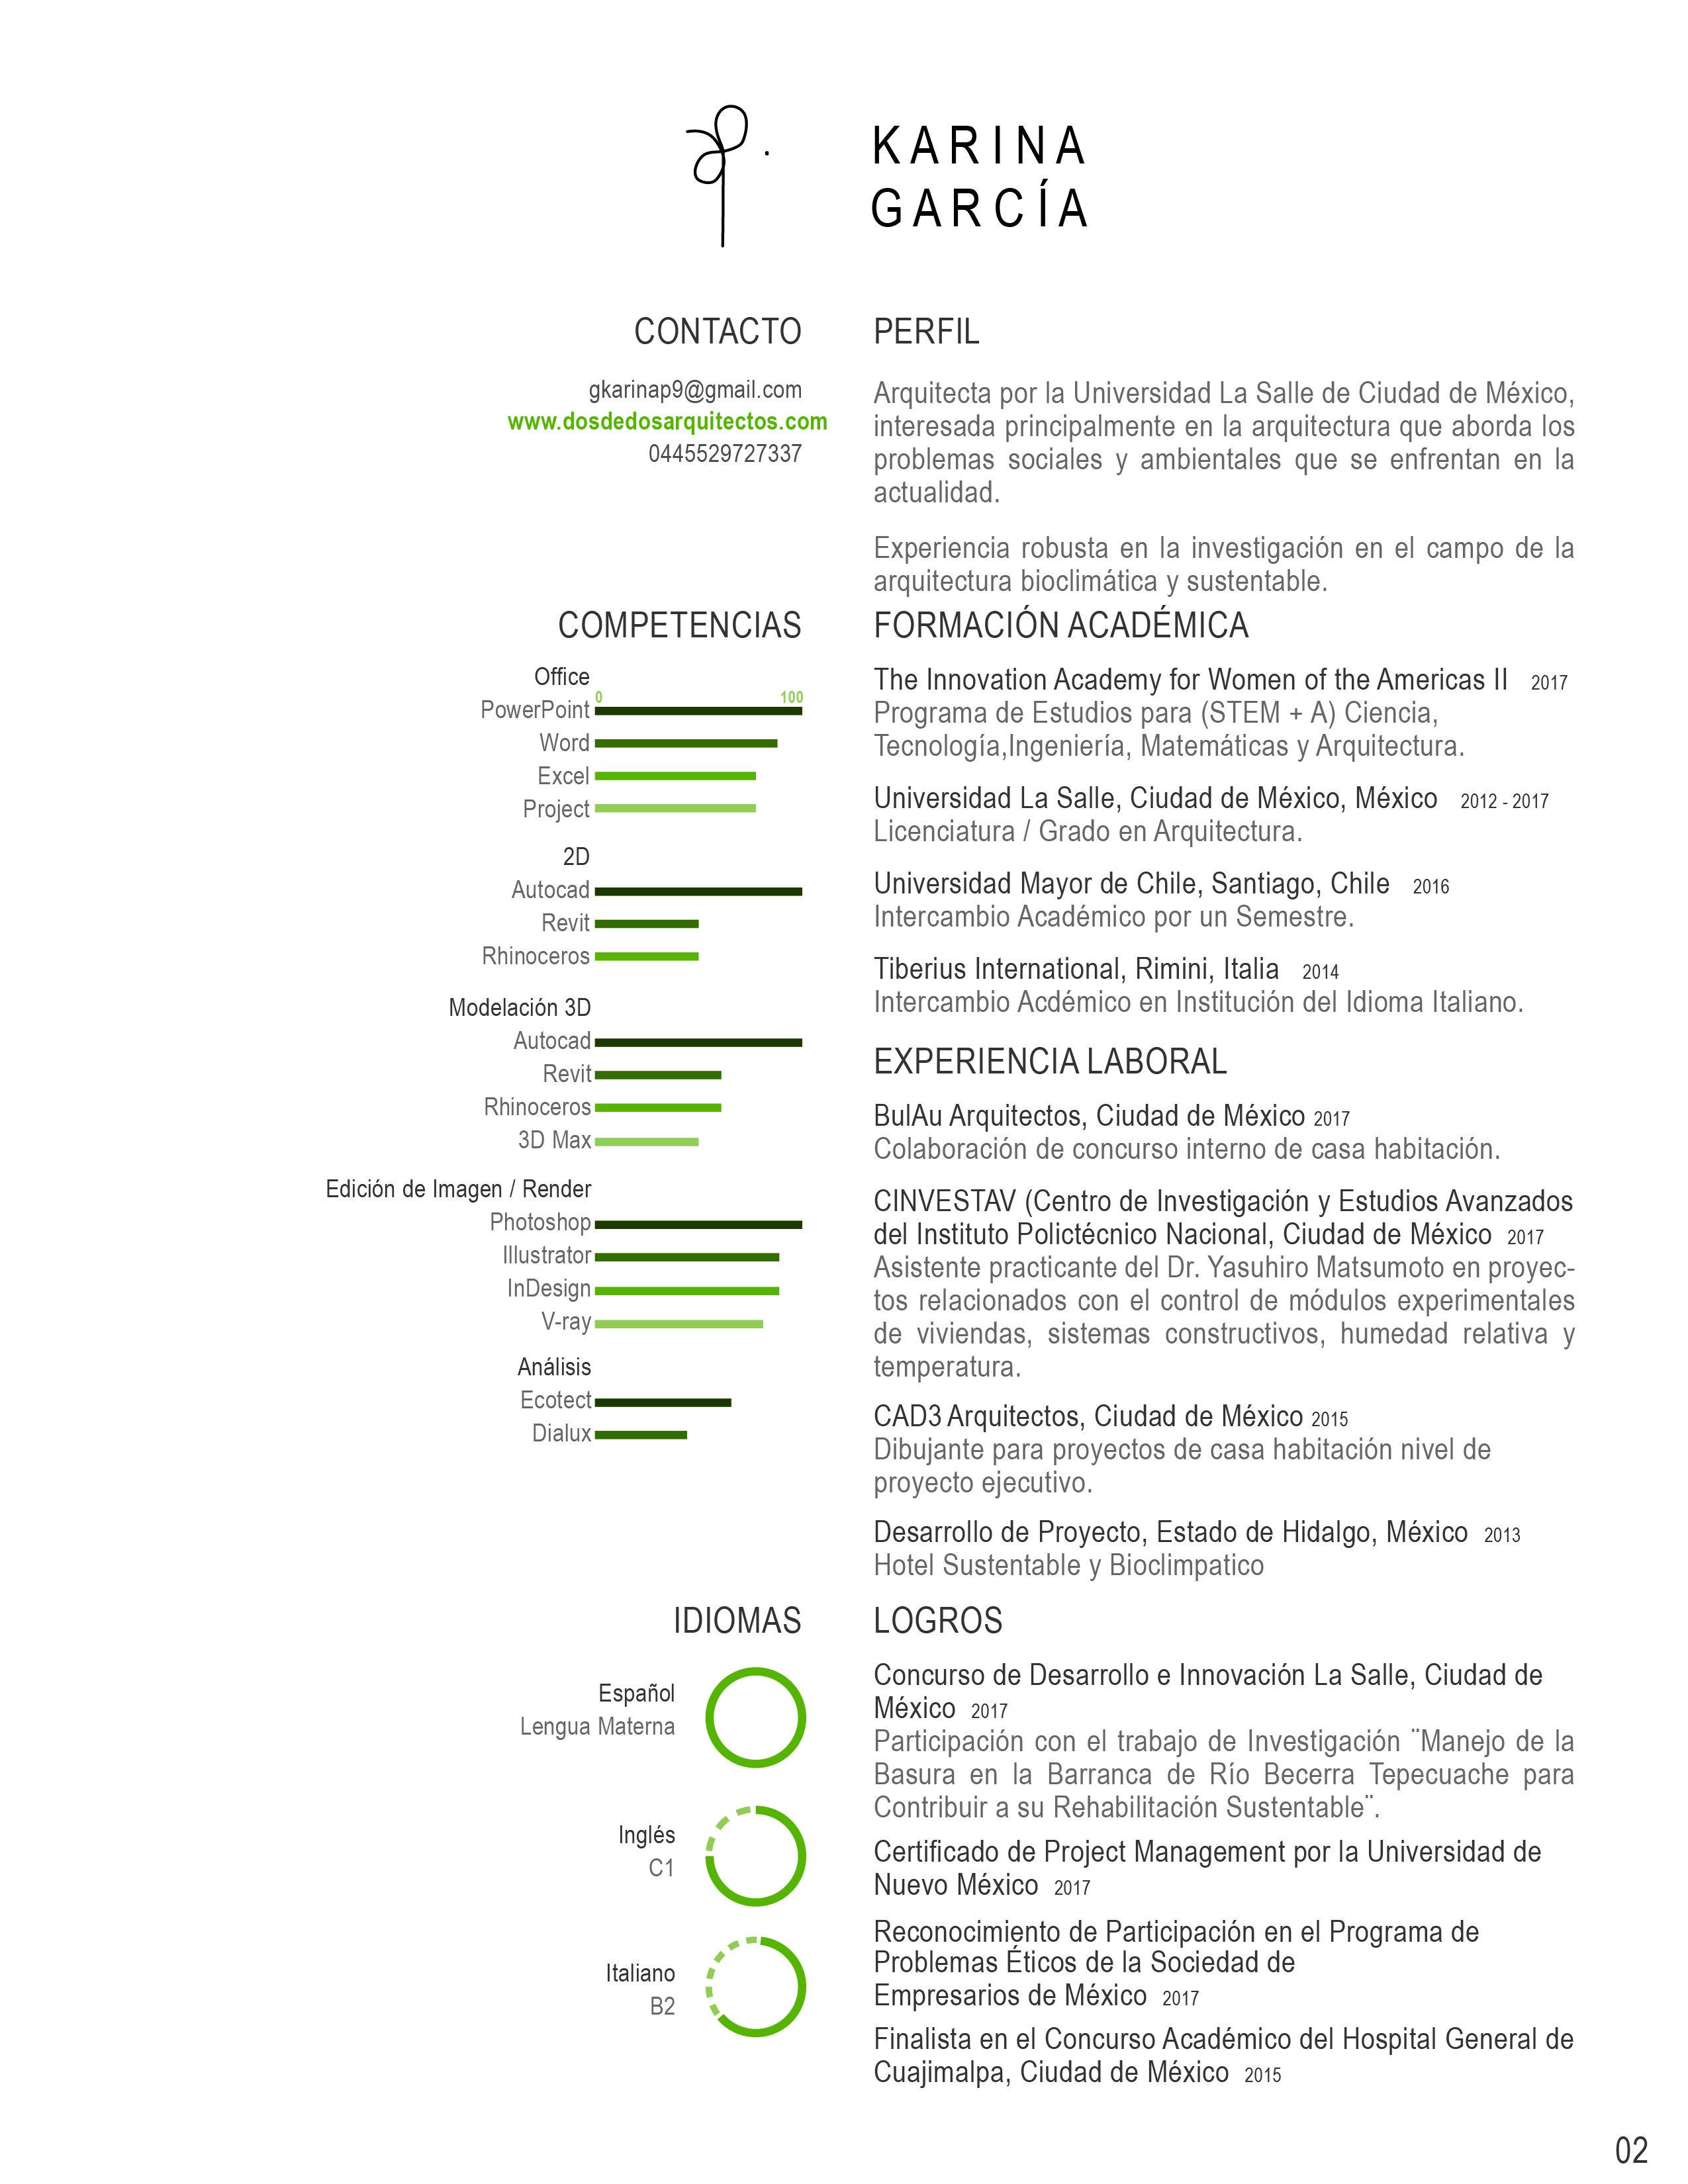 Curriculum Vitae Arquitectura. Grado en Arquitectura. Mexicana ...